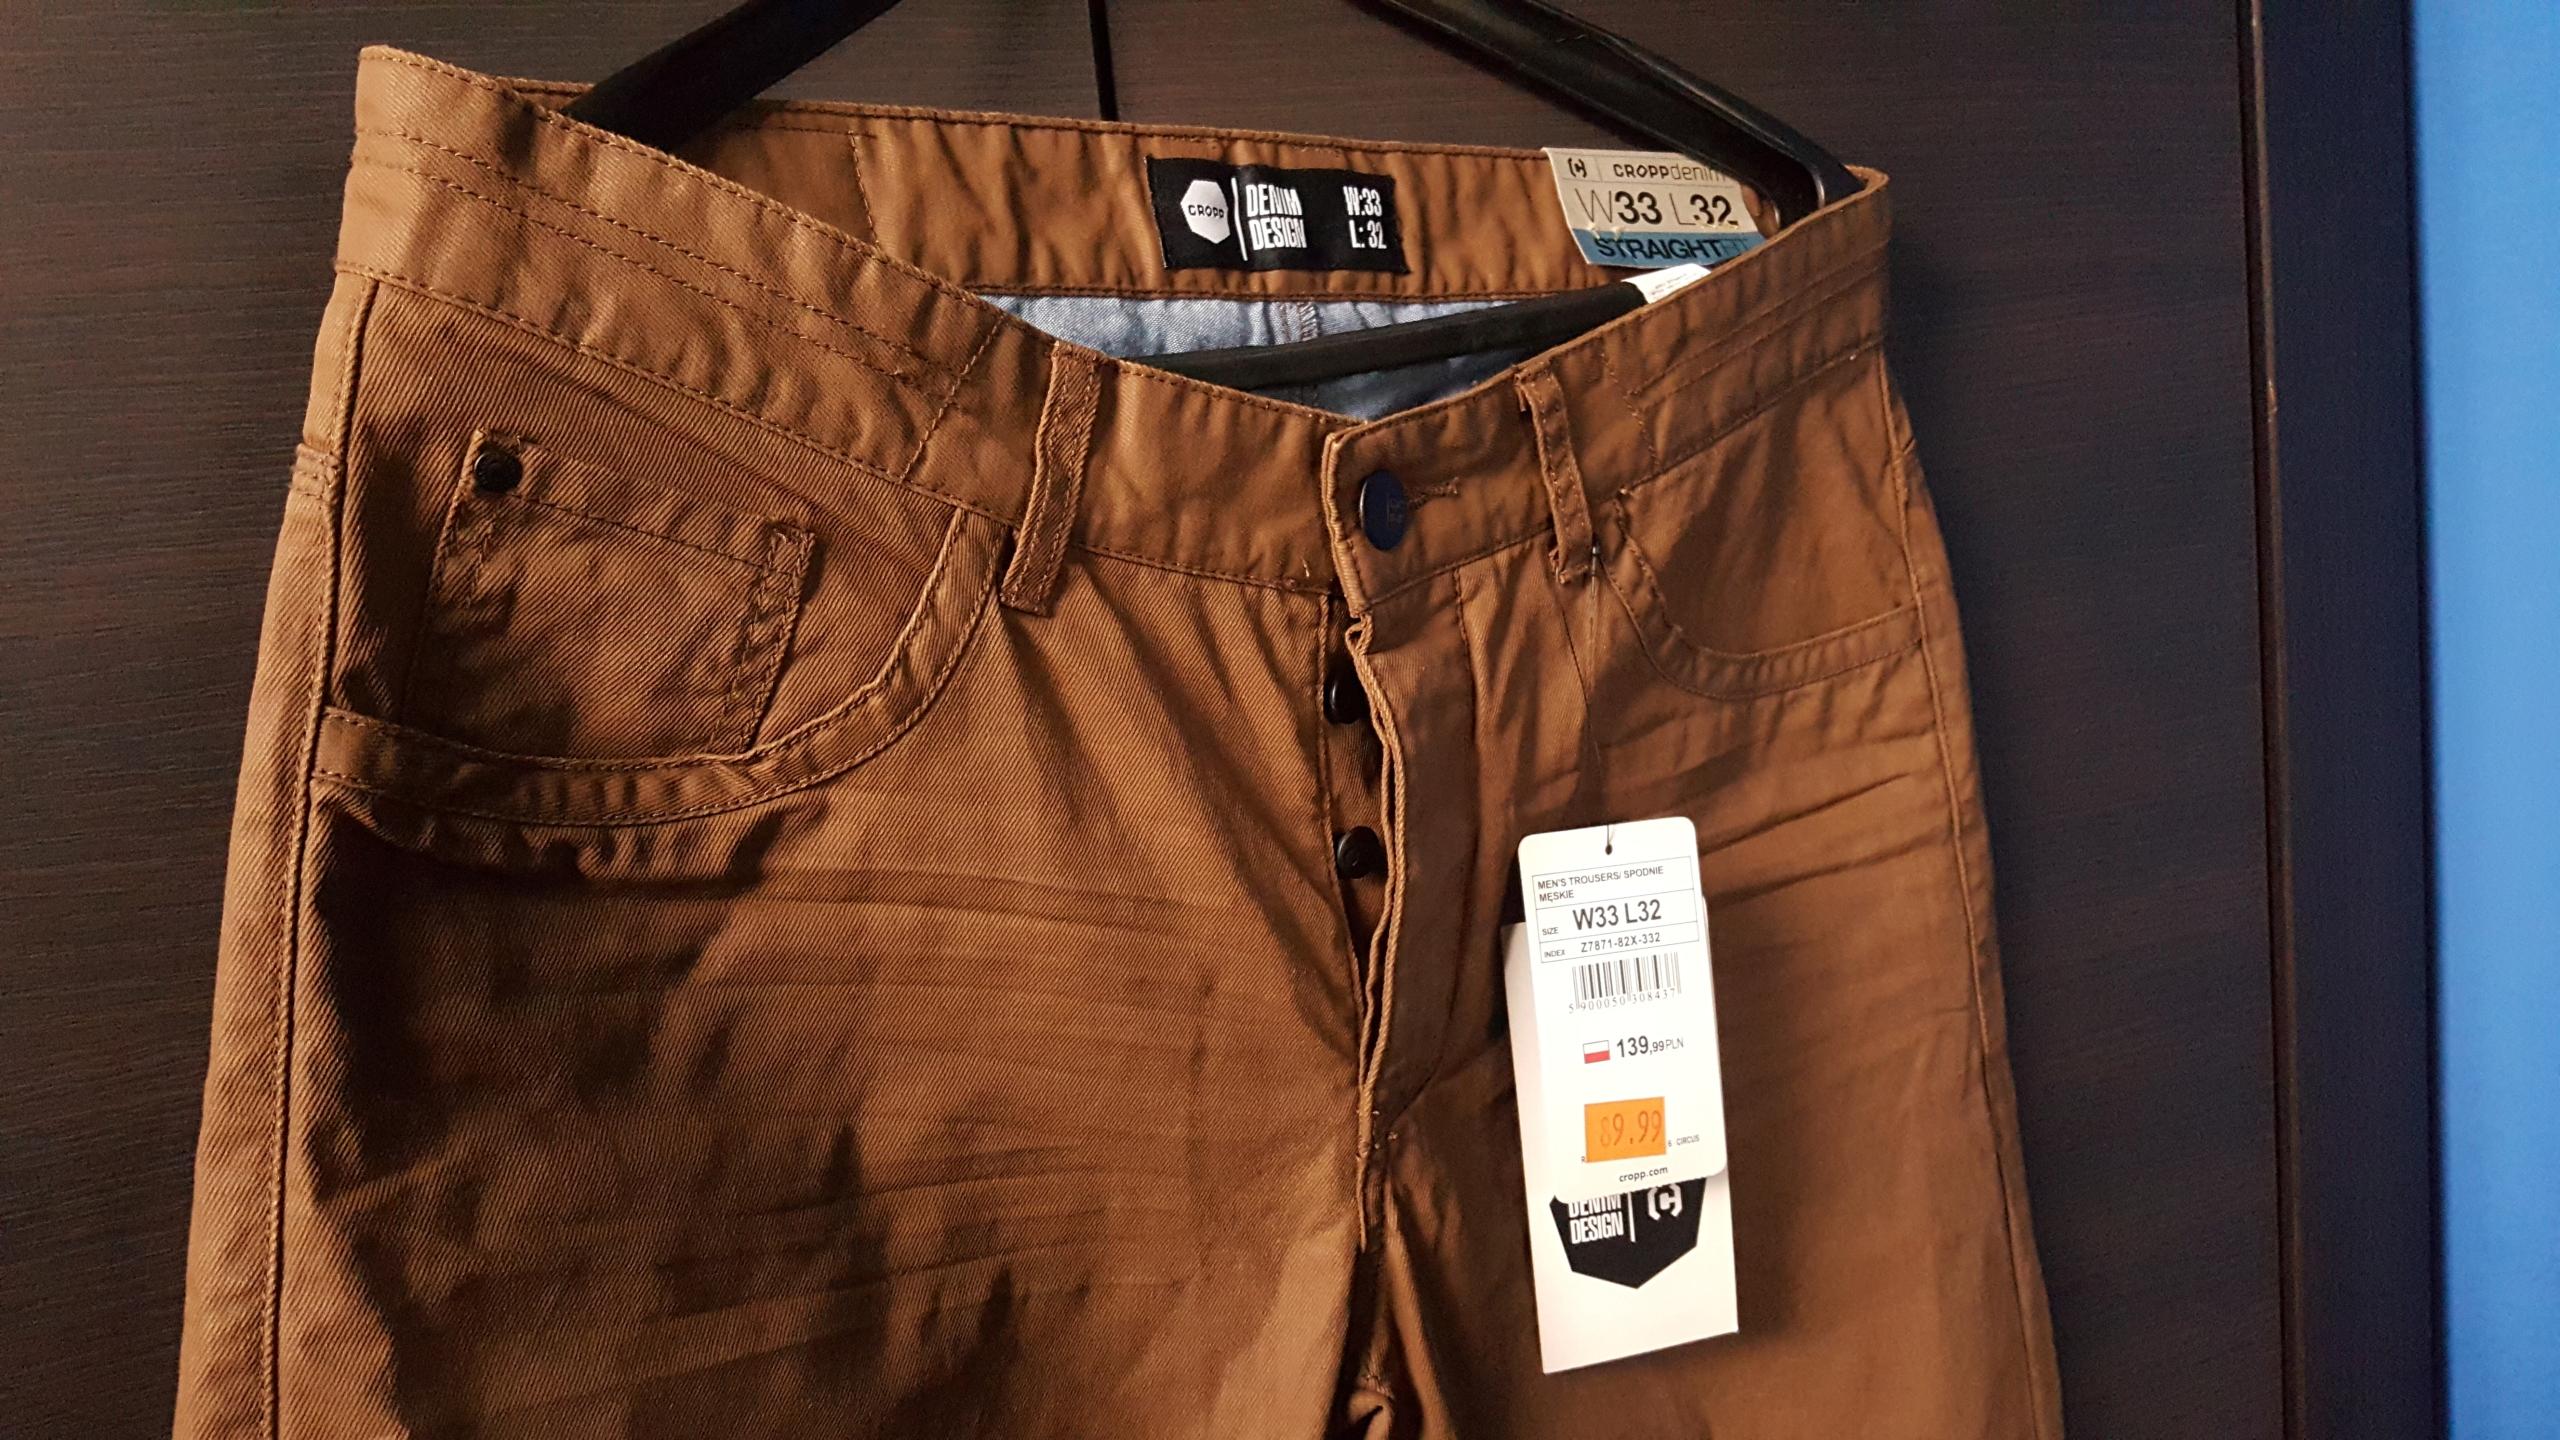 Spodnie CROPP STRAIGHT FIT W33 L32